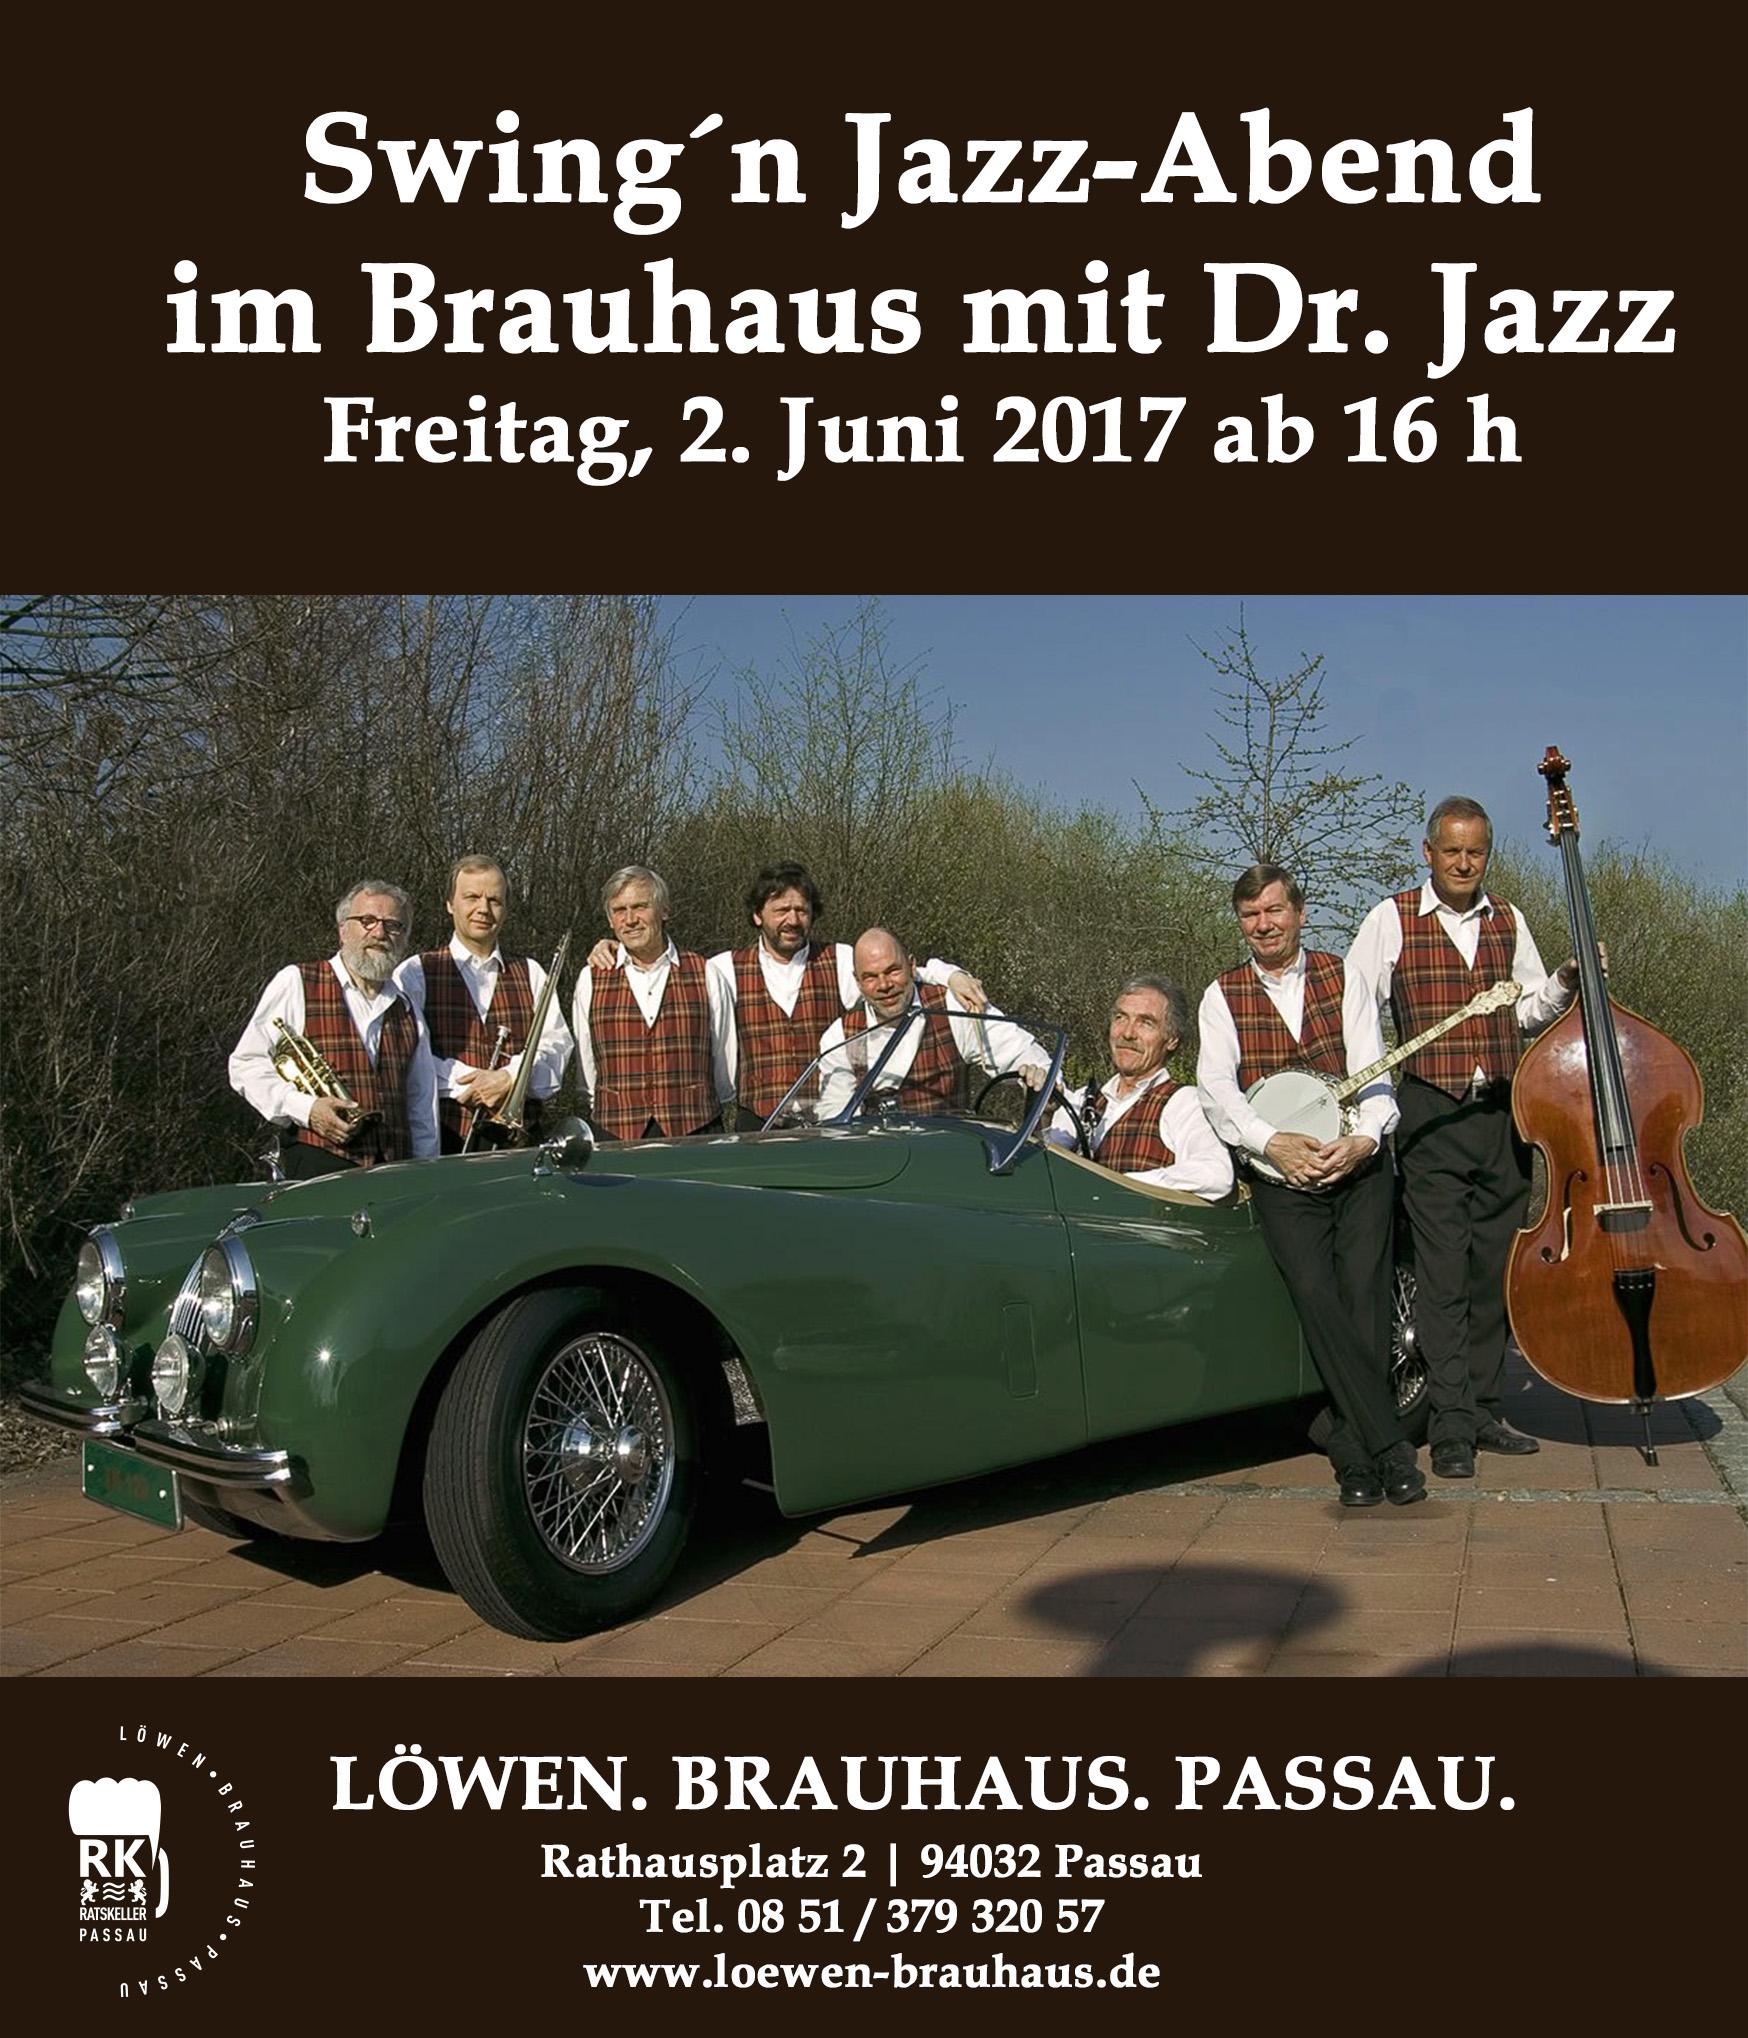 Jazz Abend am 2.6.17